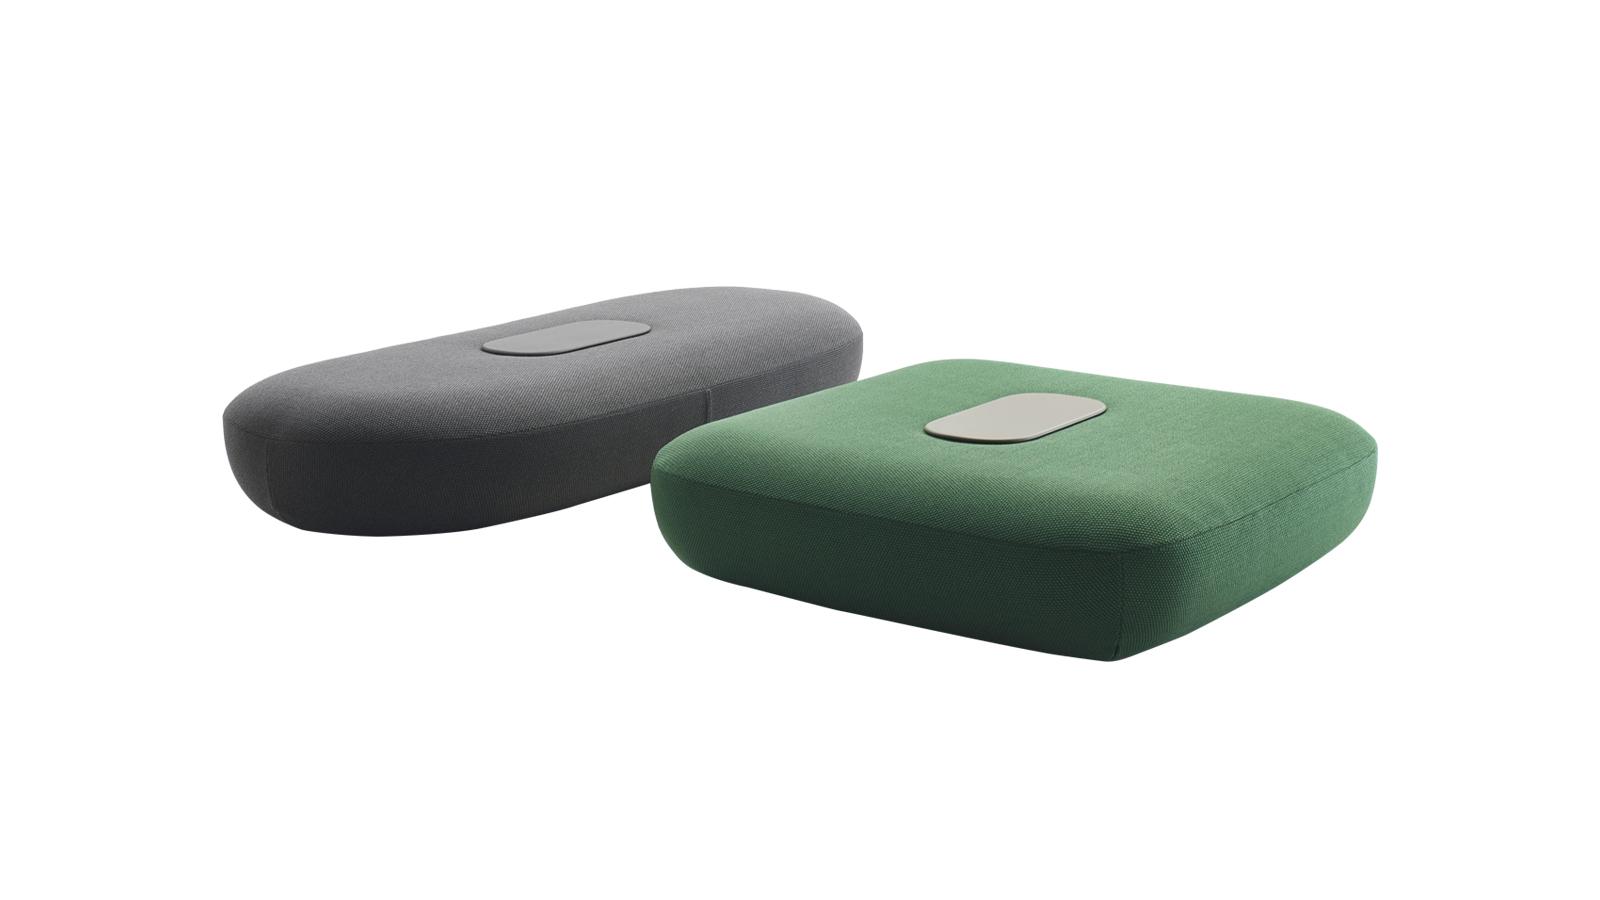 """A Tabour a sikeres, szintén Tabour nevet viselő puffok kültéri változata. A beltéri sikereik után. A kiegészítő egészen új utakat nyit a szabadban történő stílusos pihenésben. A hosszúkás, ovális vagy szögletes puffok multifunkcionálisak, felhasználhatók kültéri """"beszélgetőszigetek"""" létrehozására, illetve kanapék és fotelek meghosszabbítására."""